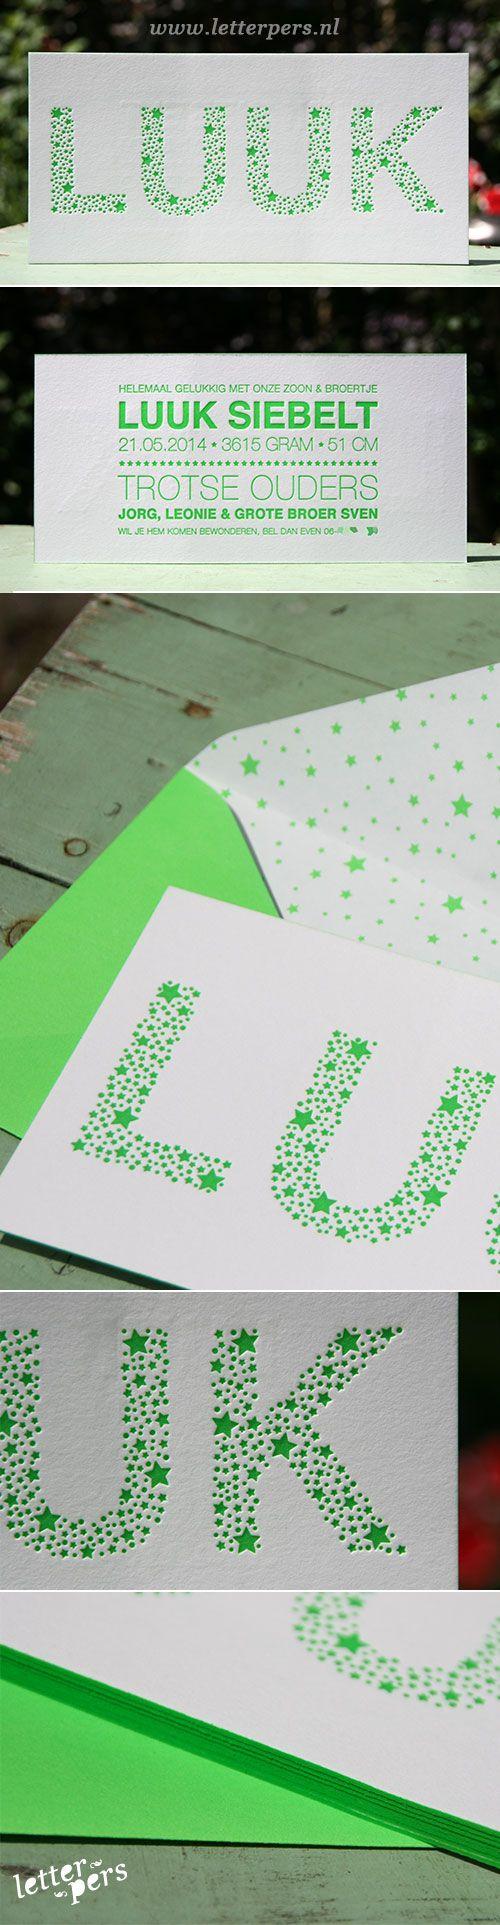 letterpers_letterpress_geboortekaartje_luuk_fluor_groen_sterren_kleur-op-snede_envelop